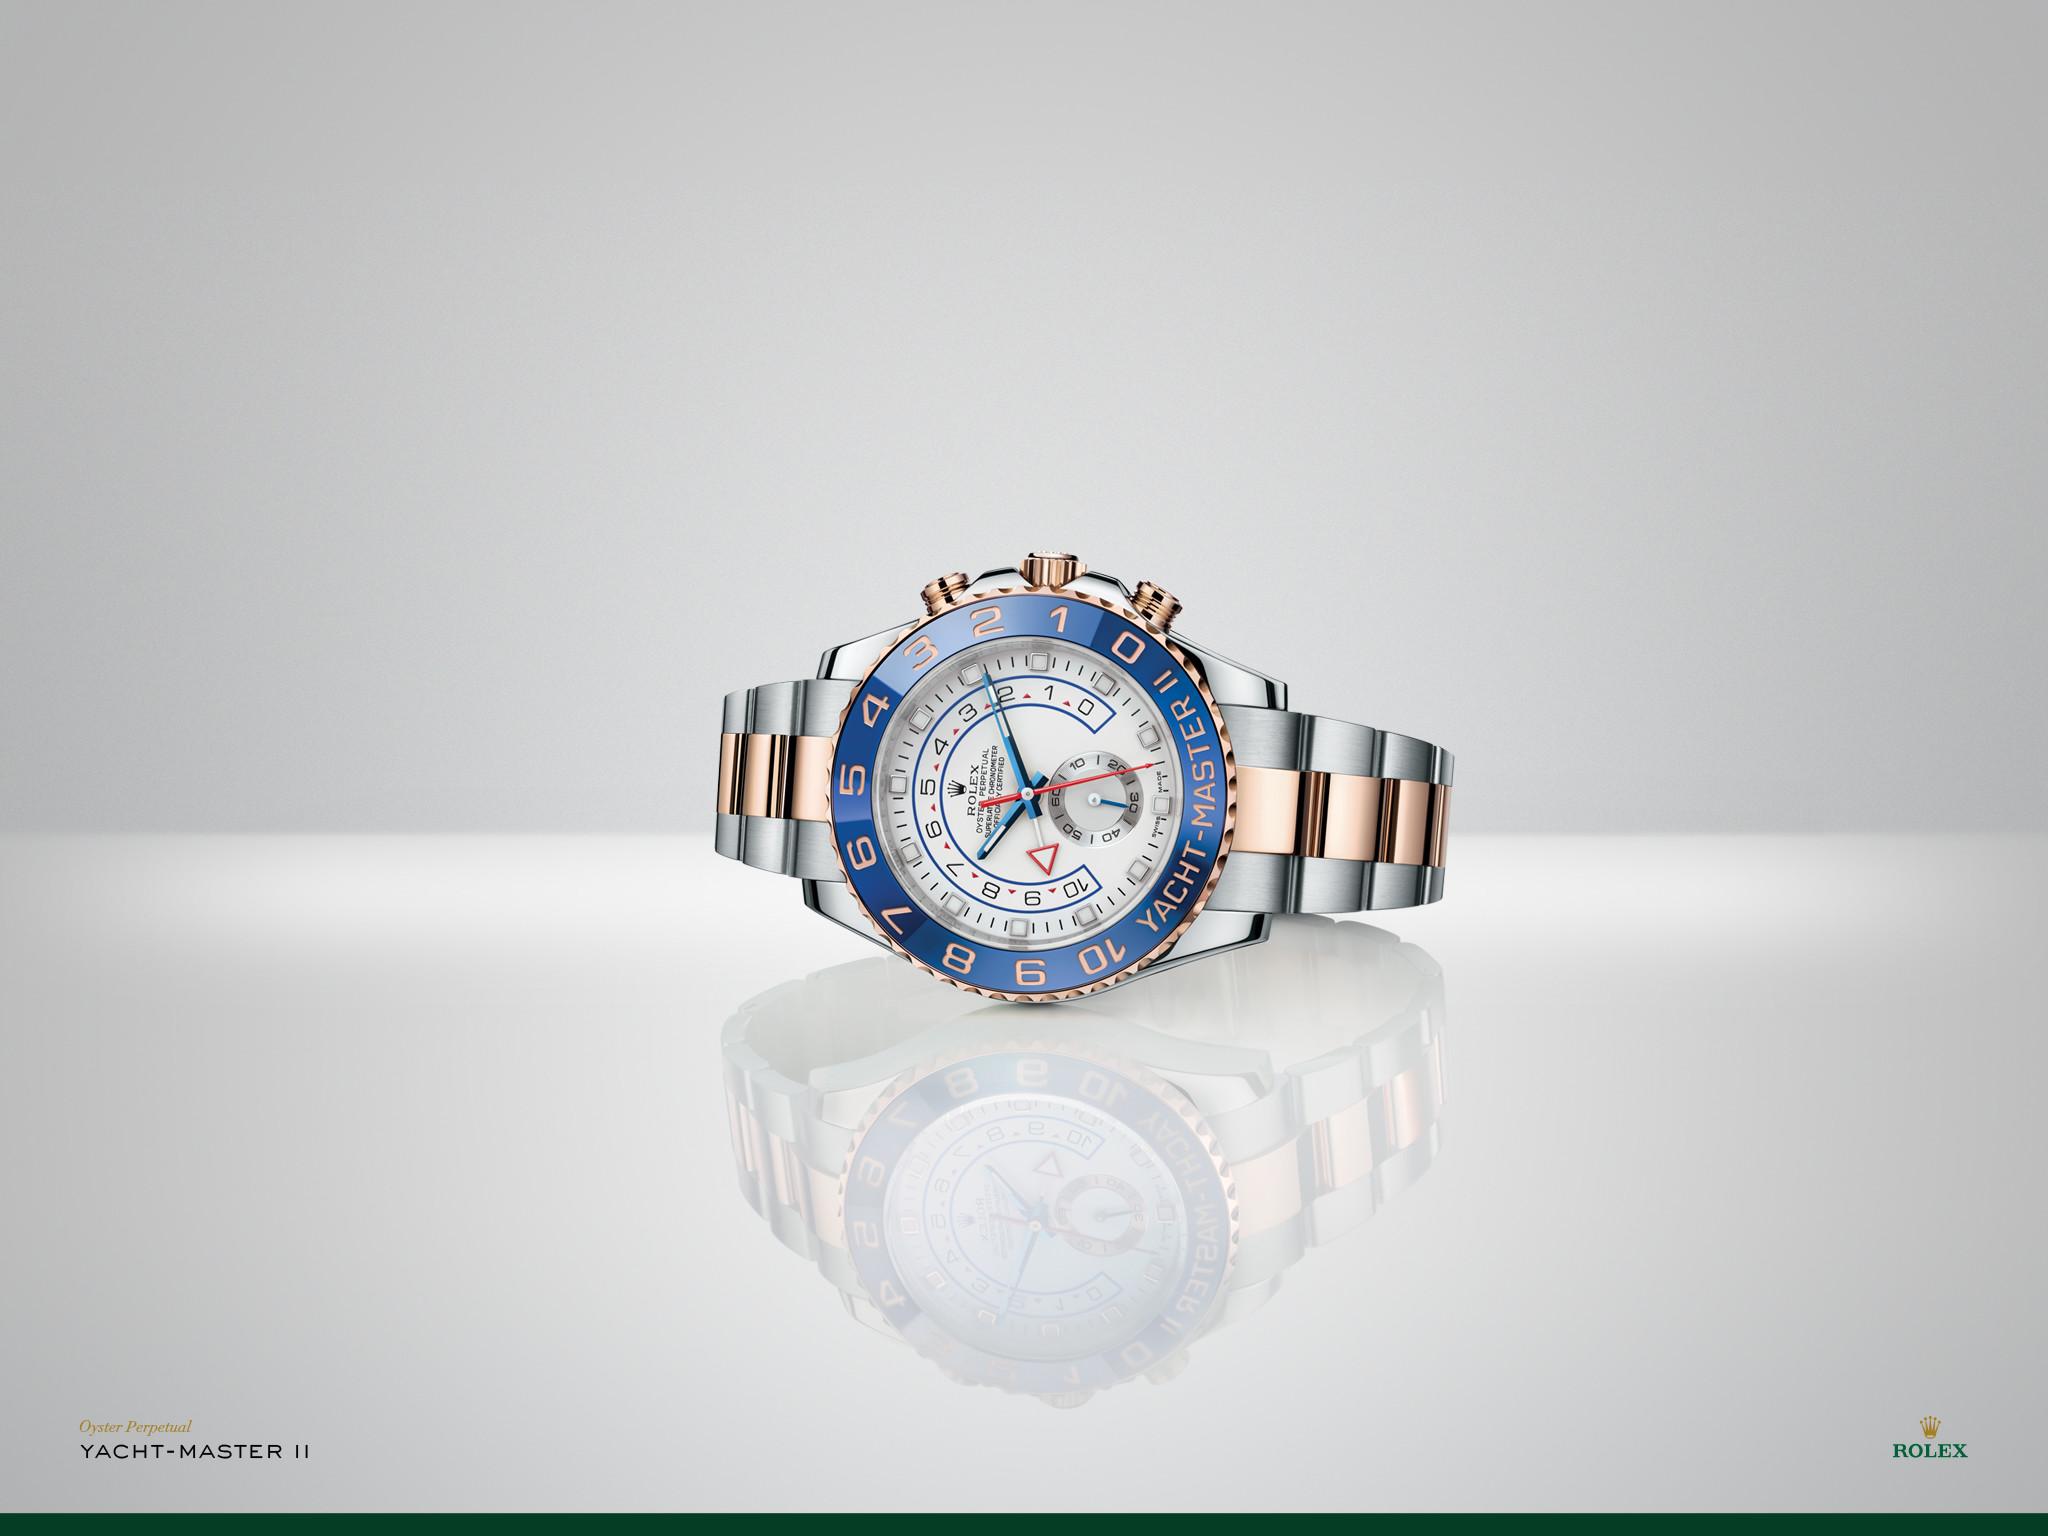 Res: 2048x1536, Rolex wallpapers desktop background